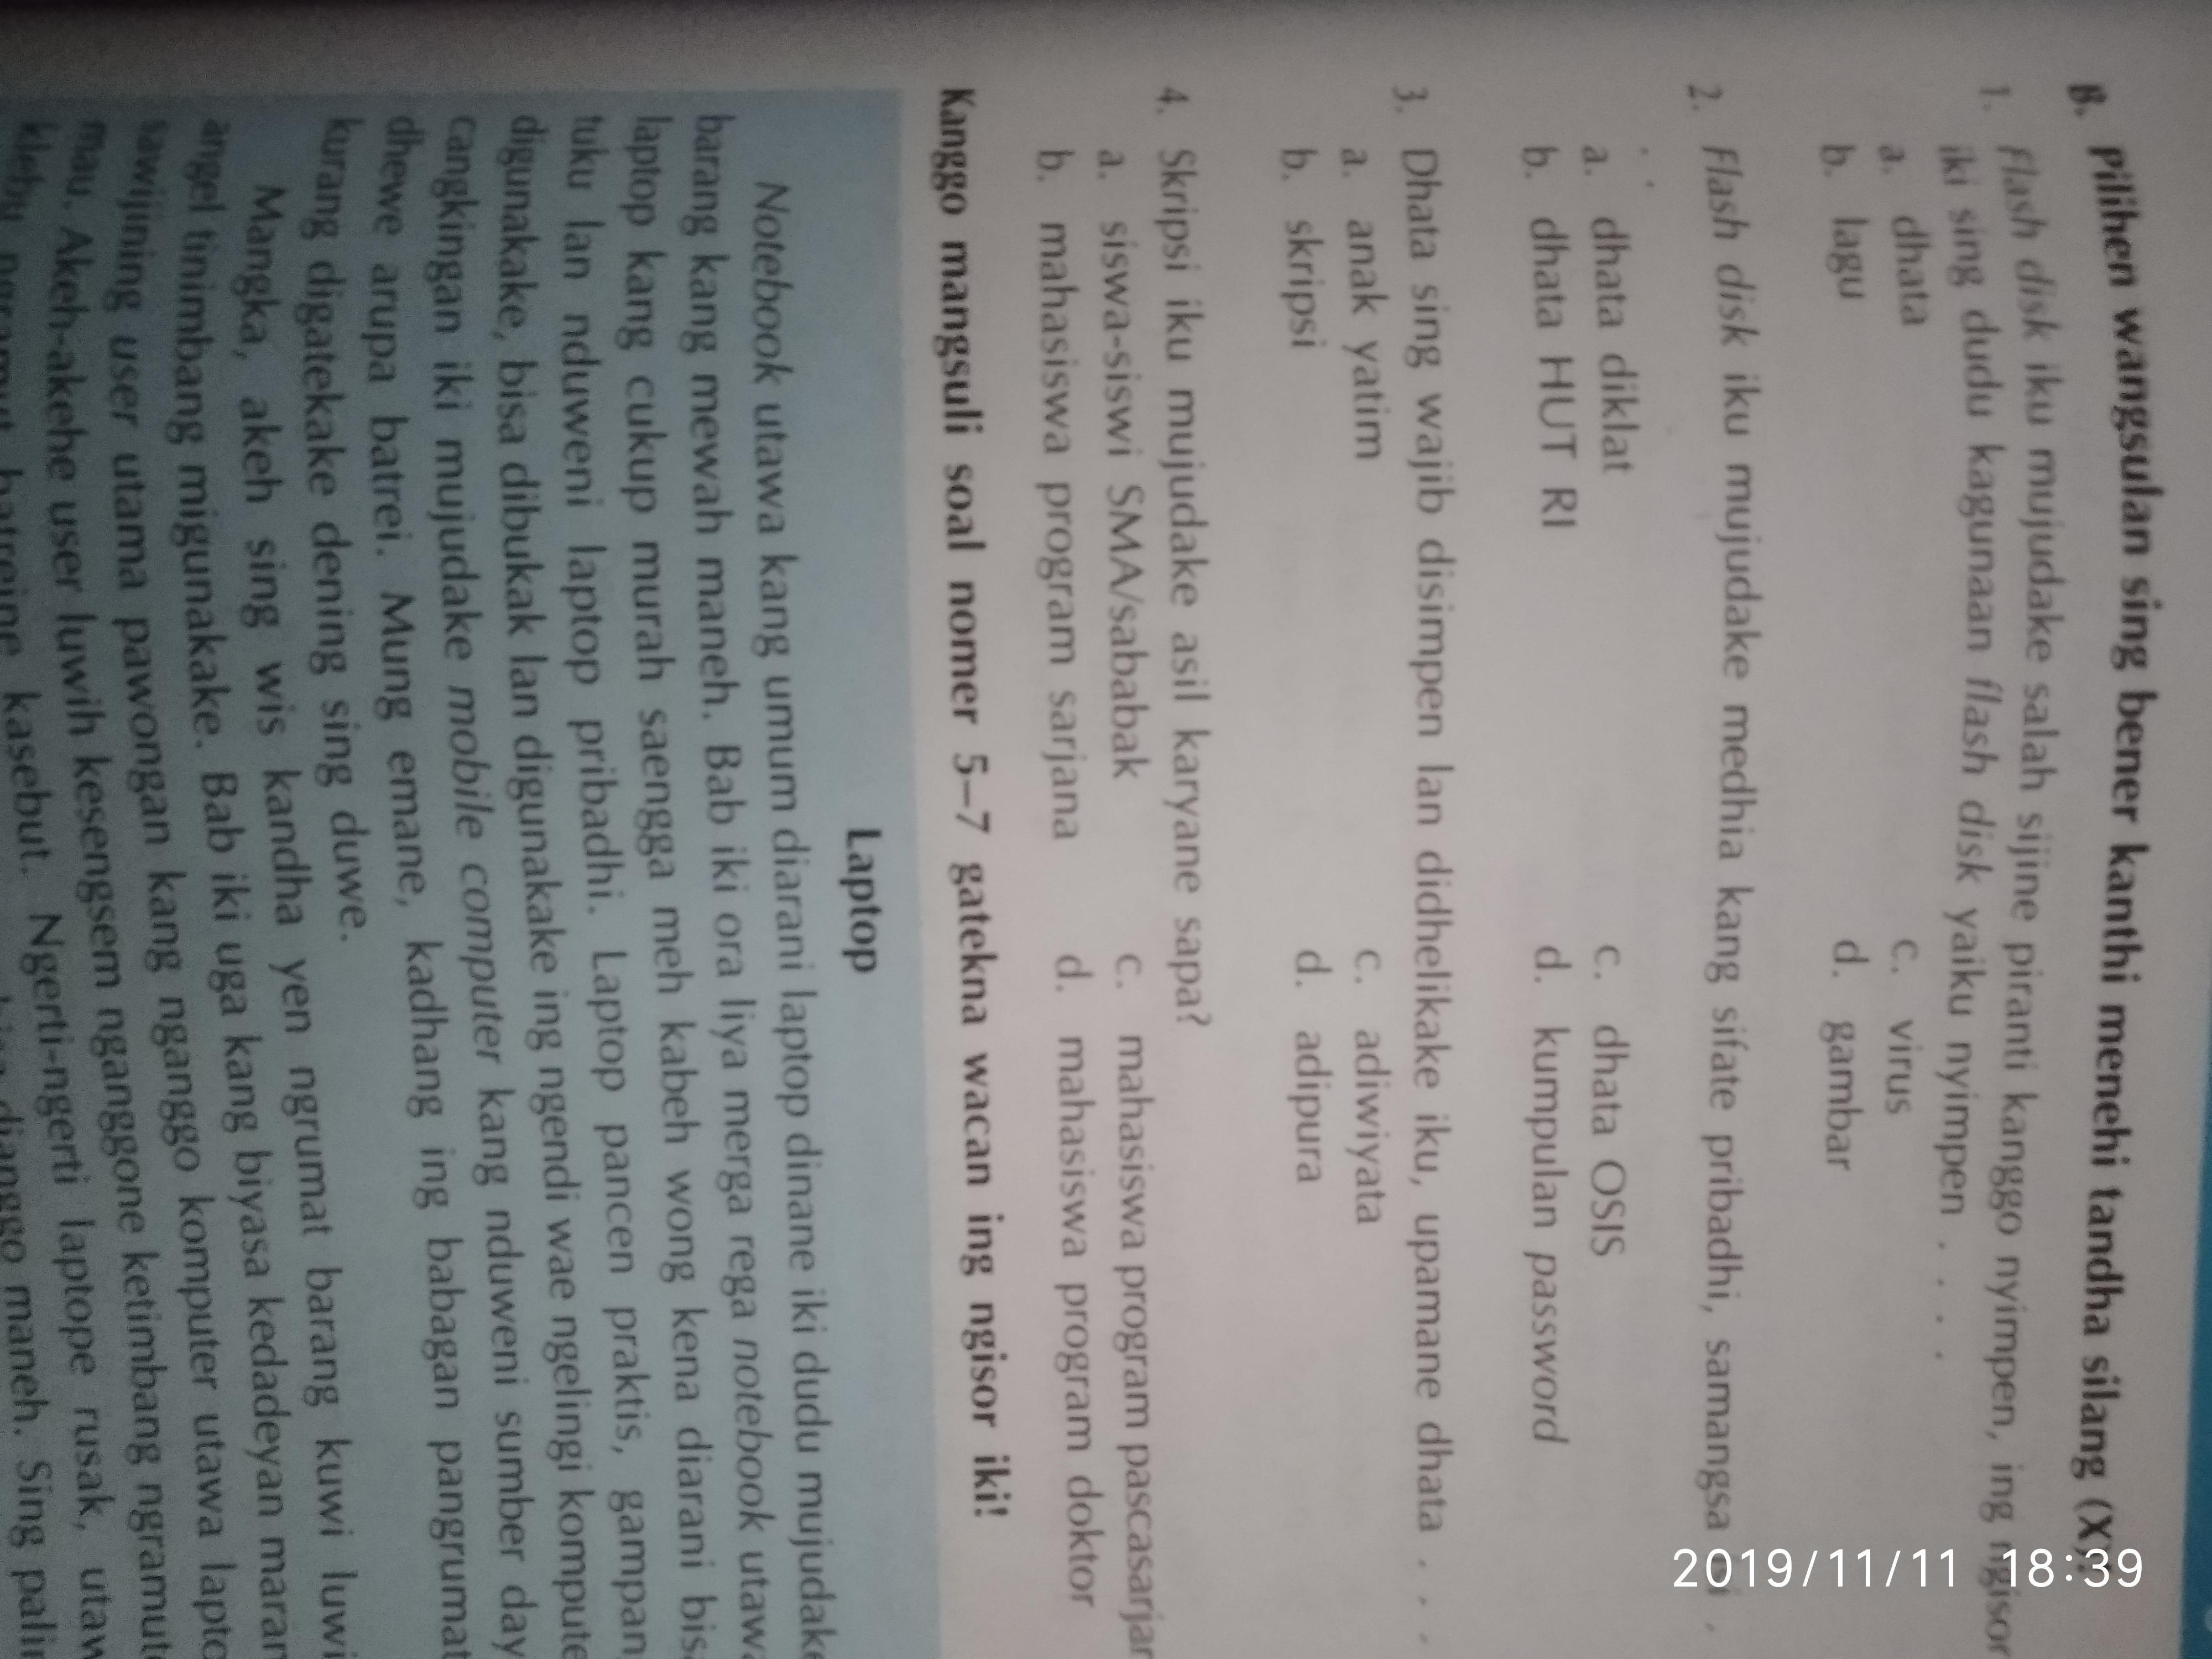 Kunci Jawaban Tantri Basa Jawa Kelas 6 Kaca 22